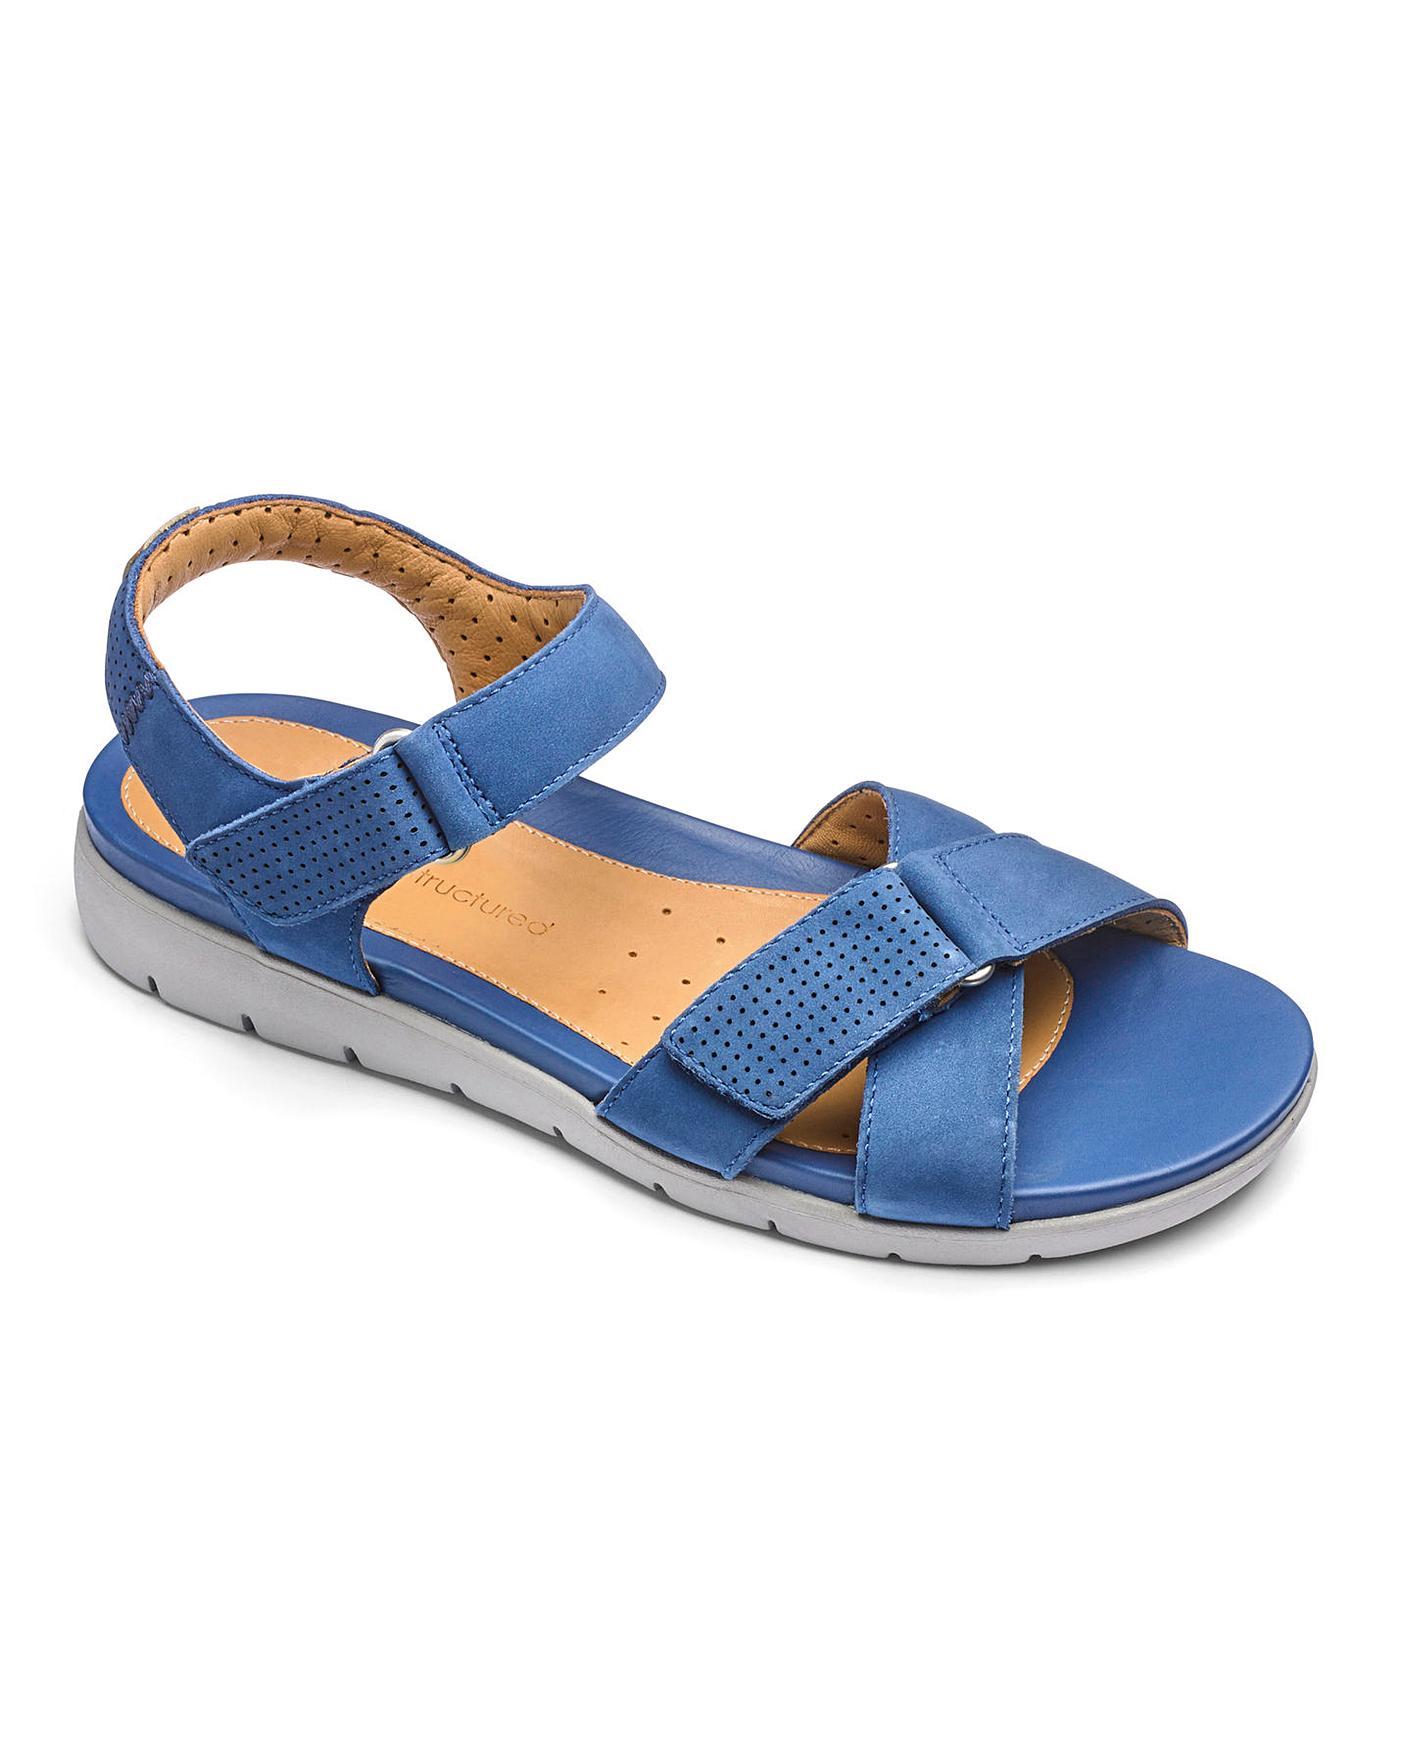 Clarks Un Saffron Sandals E Fit | Oxendales